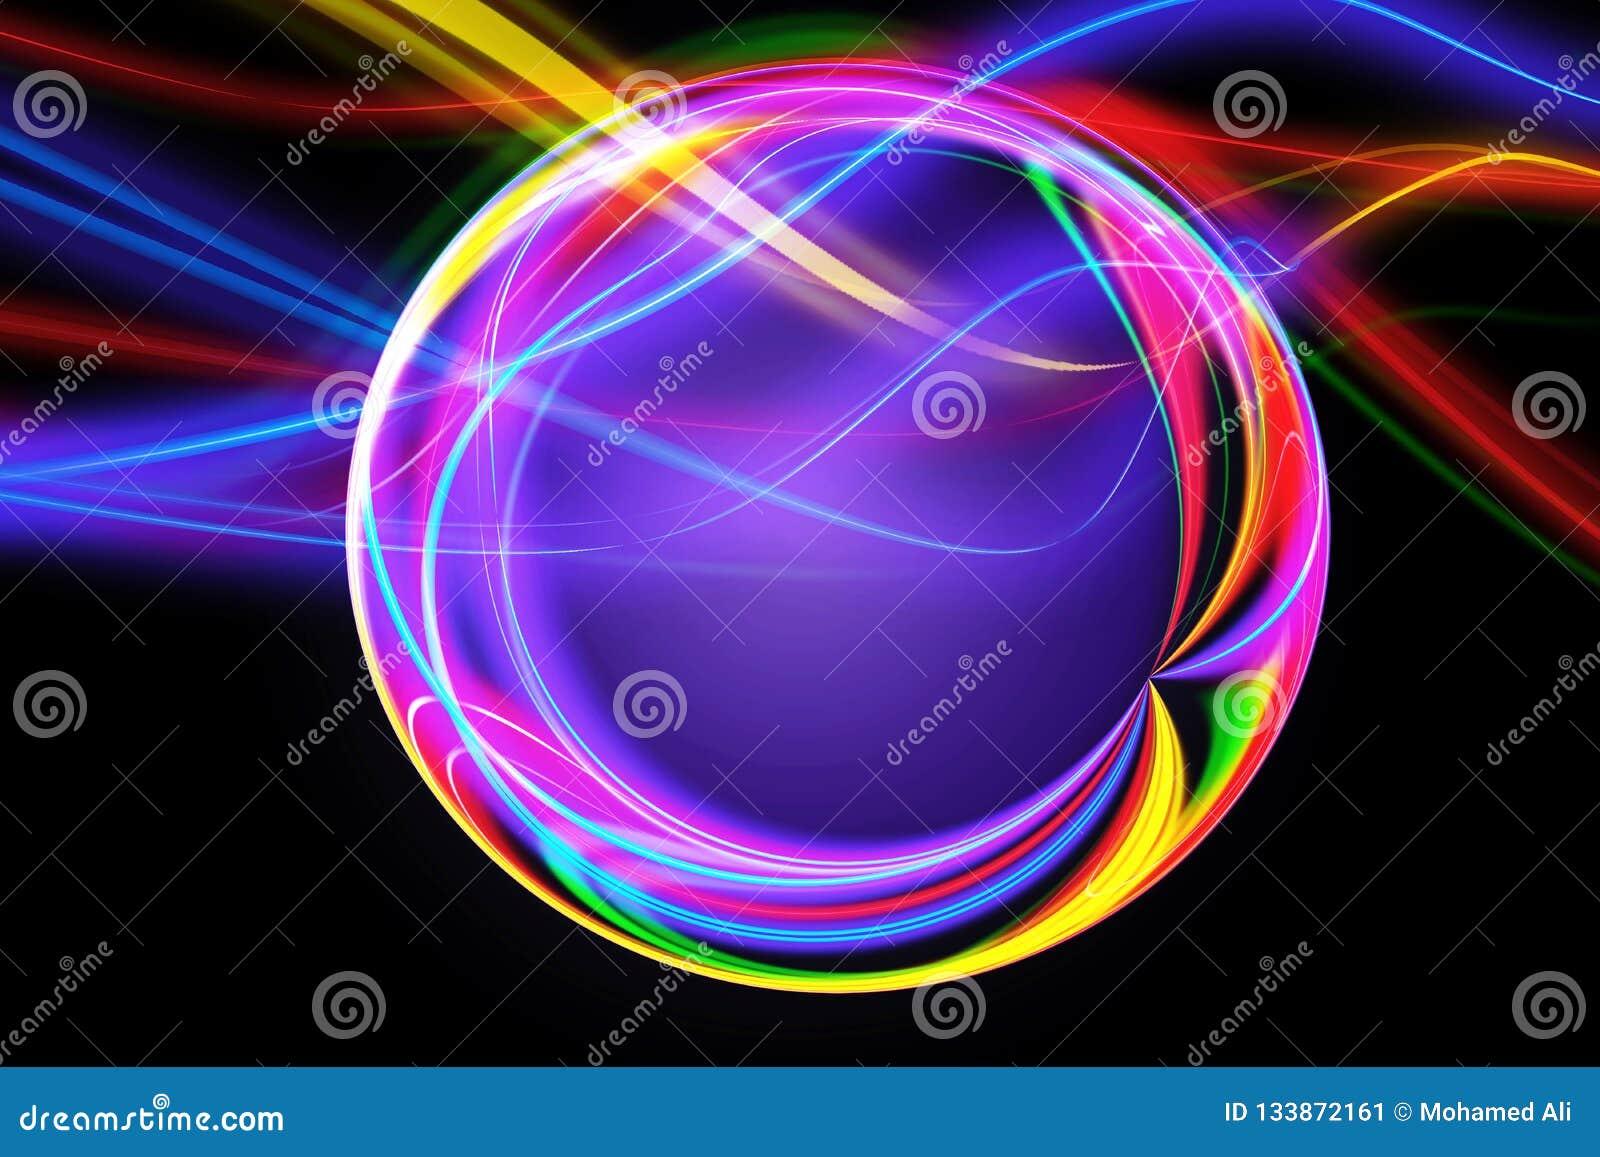 Abstrakt konstnärlig mångfärgad Digital aktiverad cirkelkonstverkbakgrund